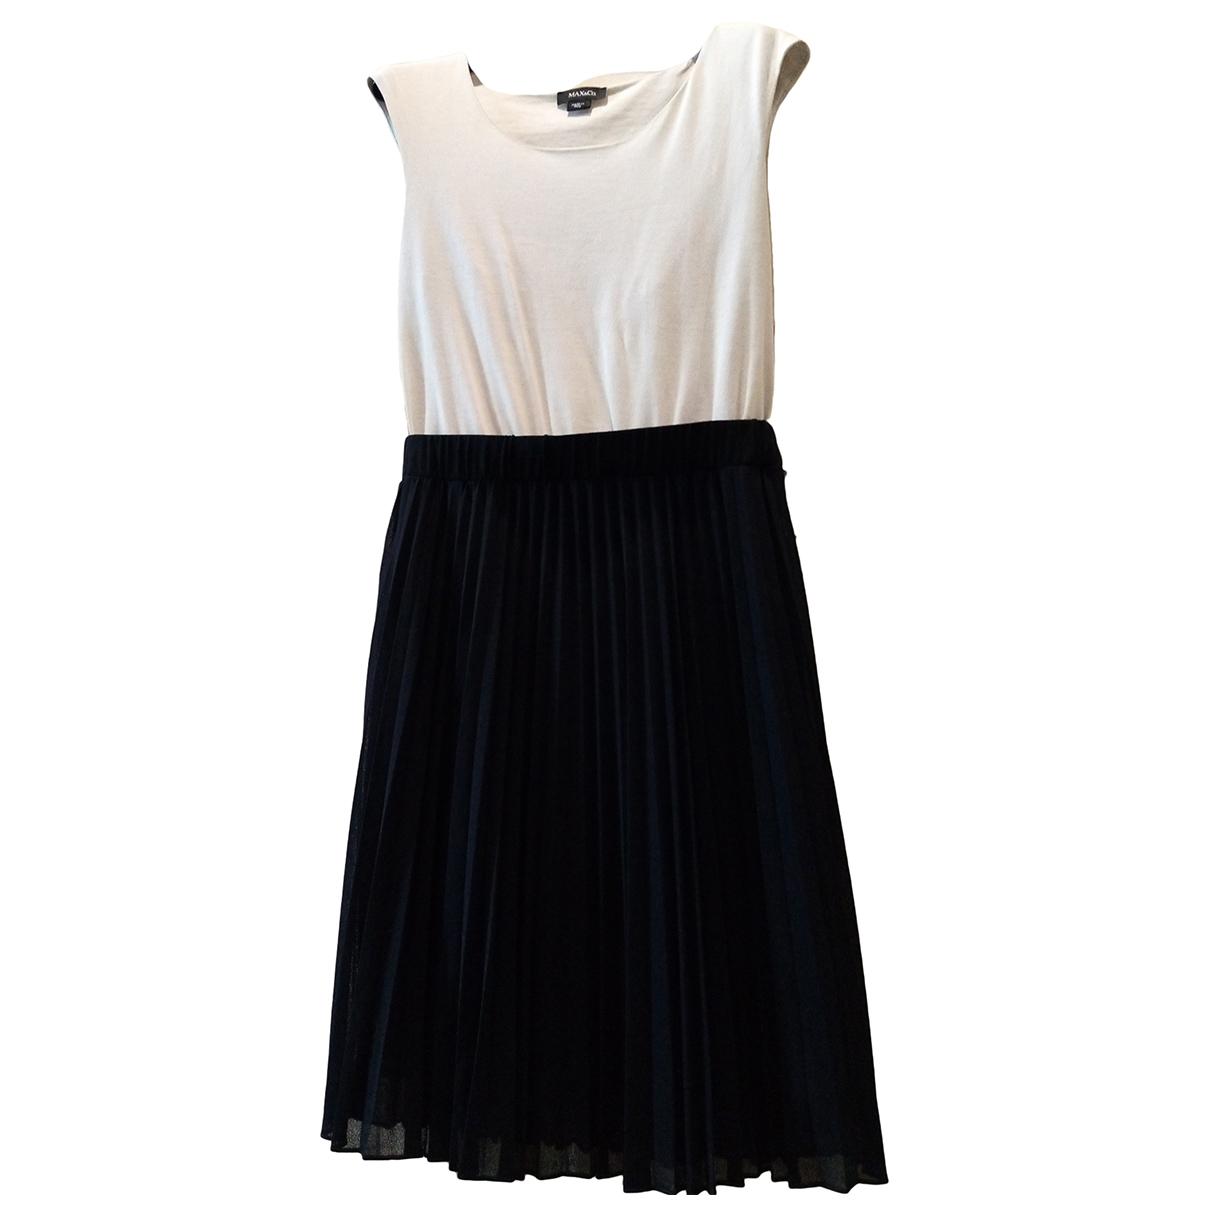 Max & Co \N Beige dress for Women 42 IT